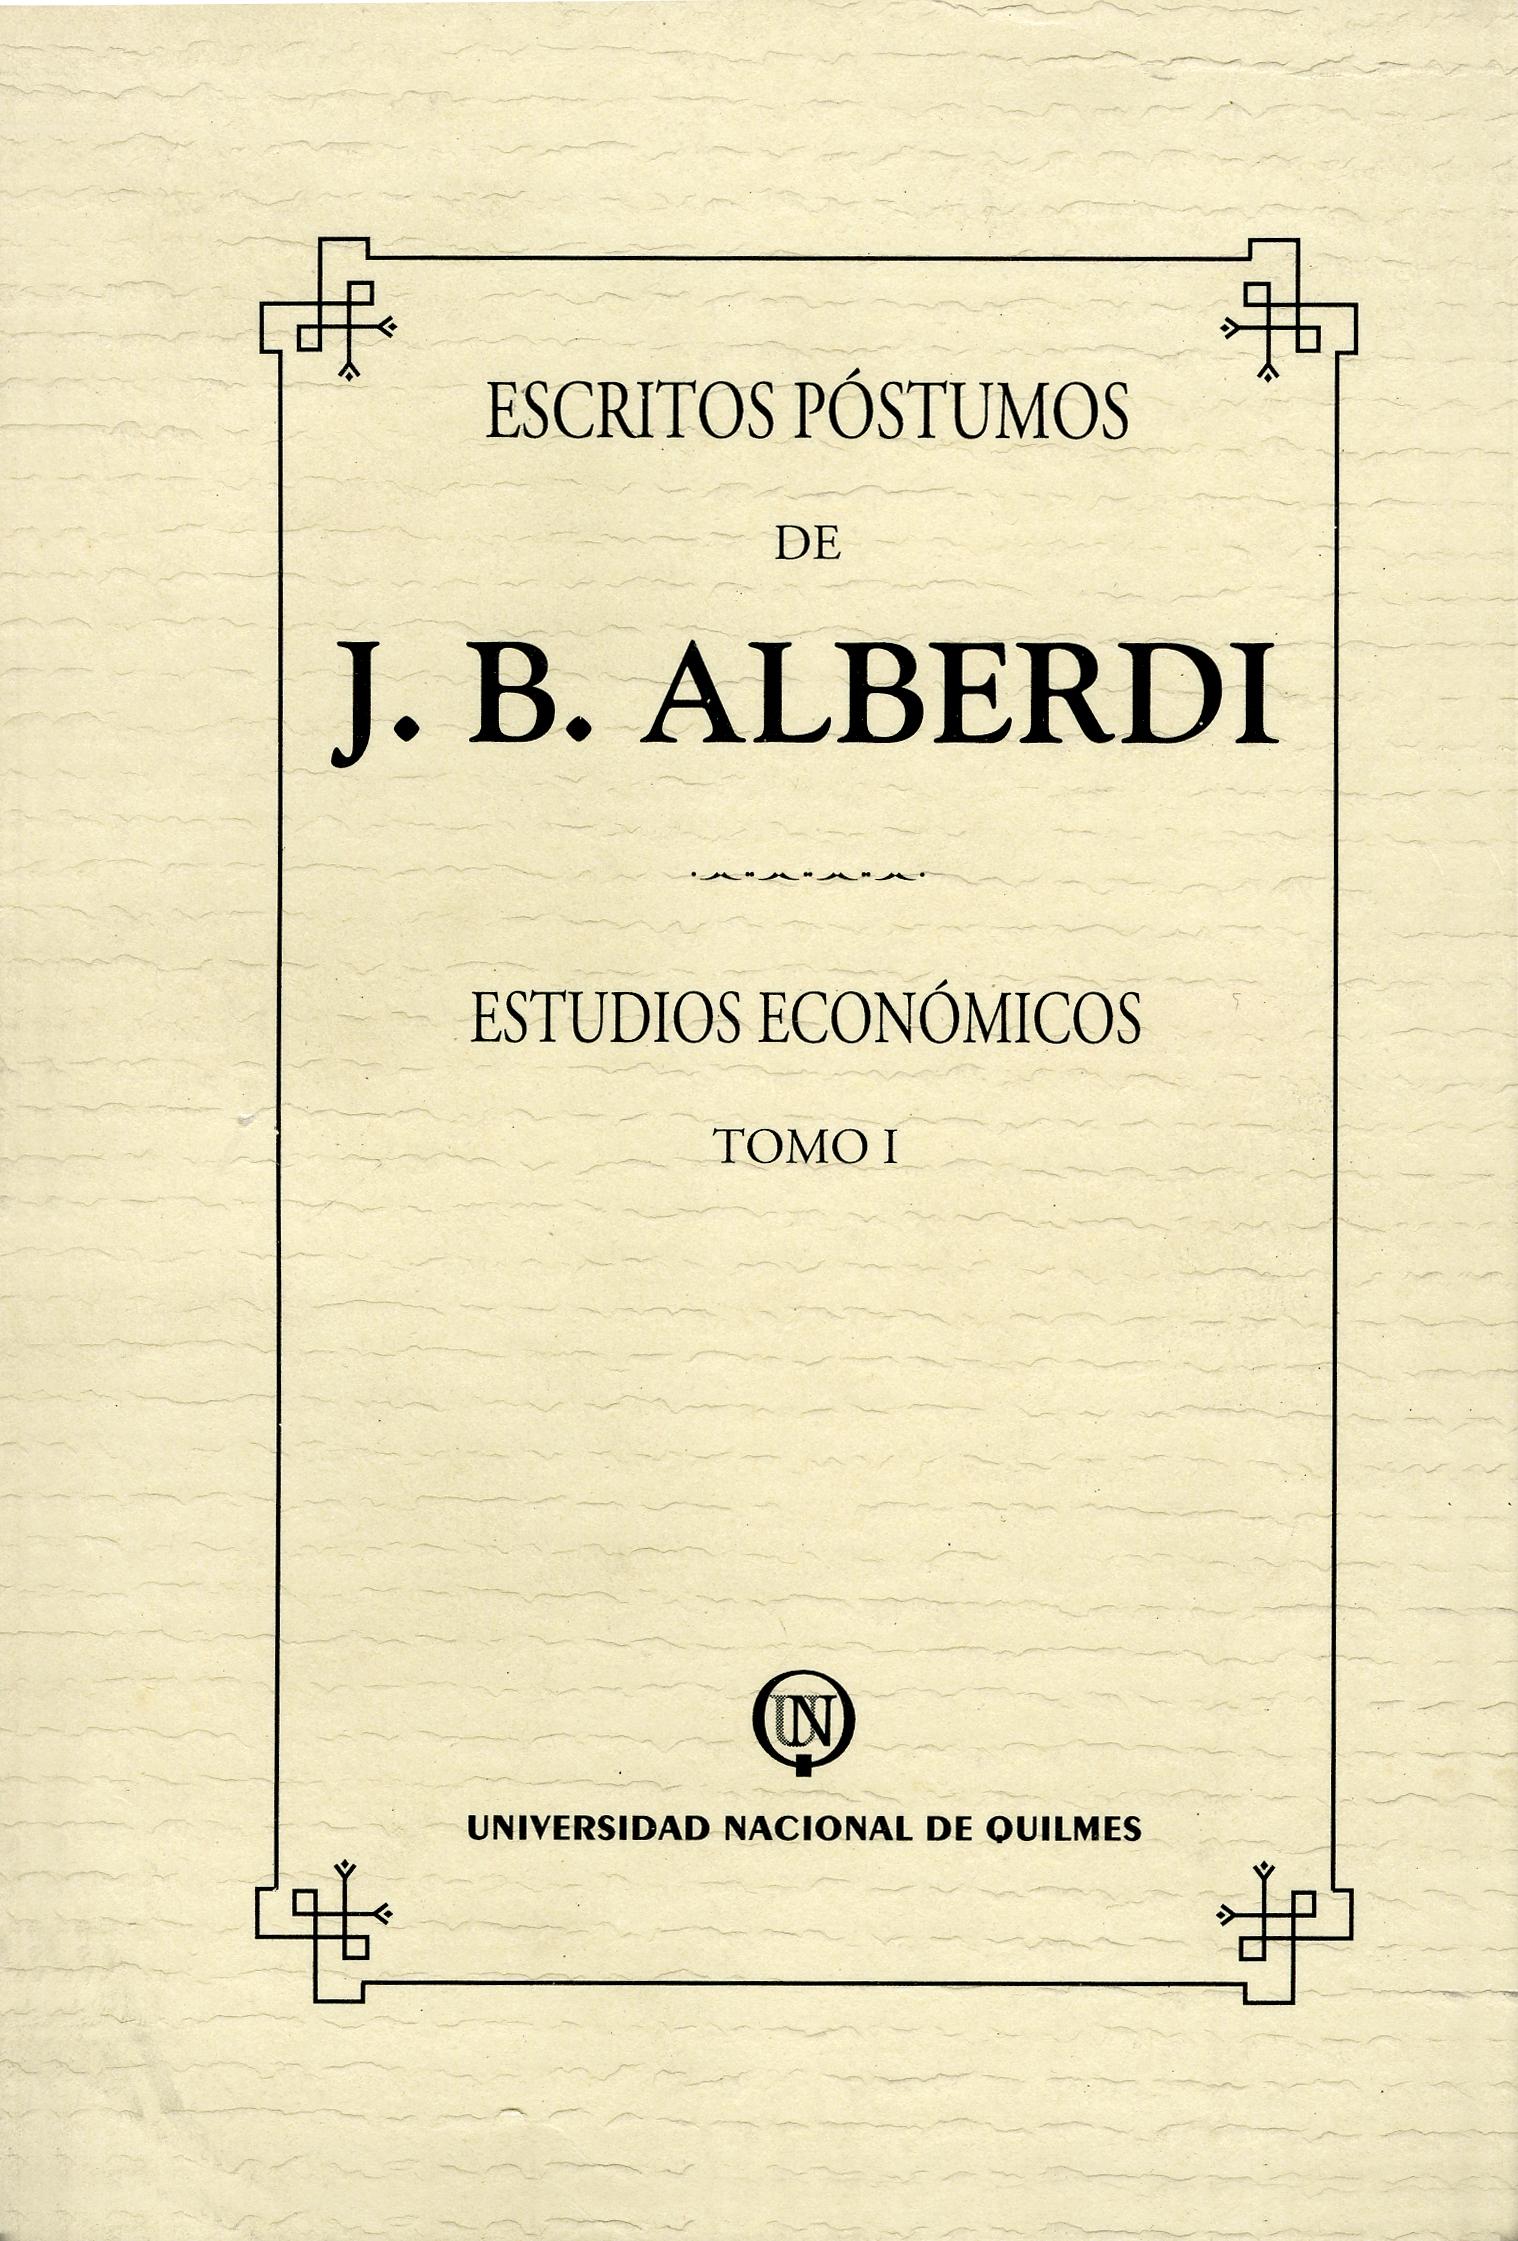 Escritos póstumos de J. B. Alberdi. Tomo I. Estudios económicos